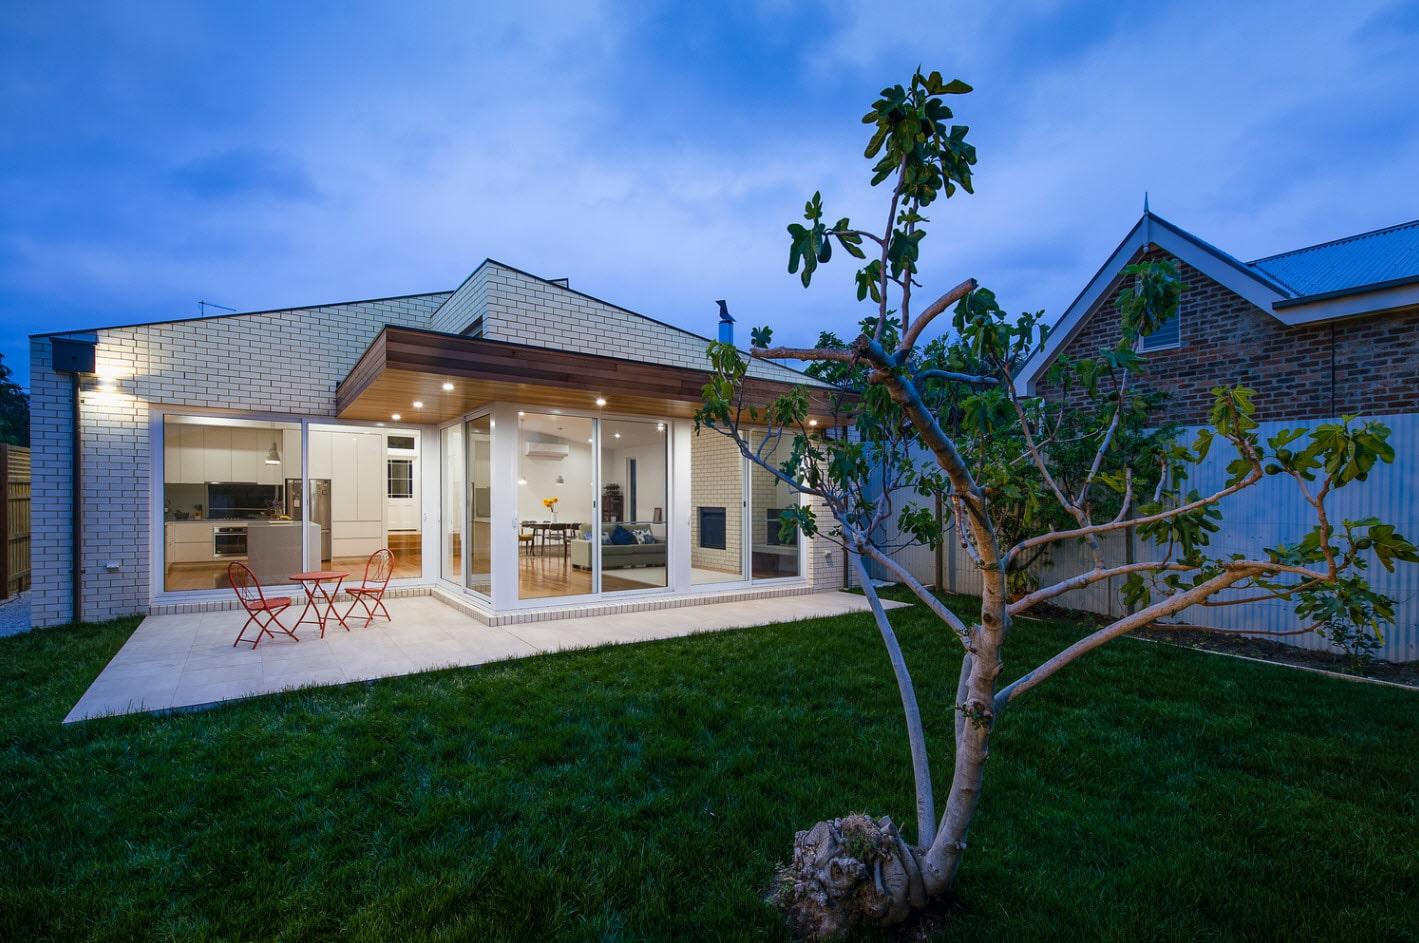 Dise o de casa moderna de un piso planos y fachadas for Casas modernas planos y fachadas